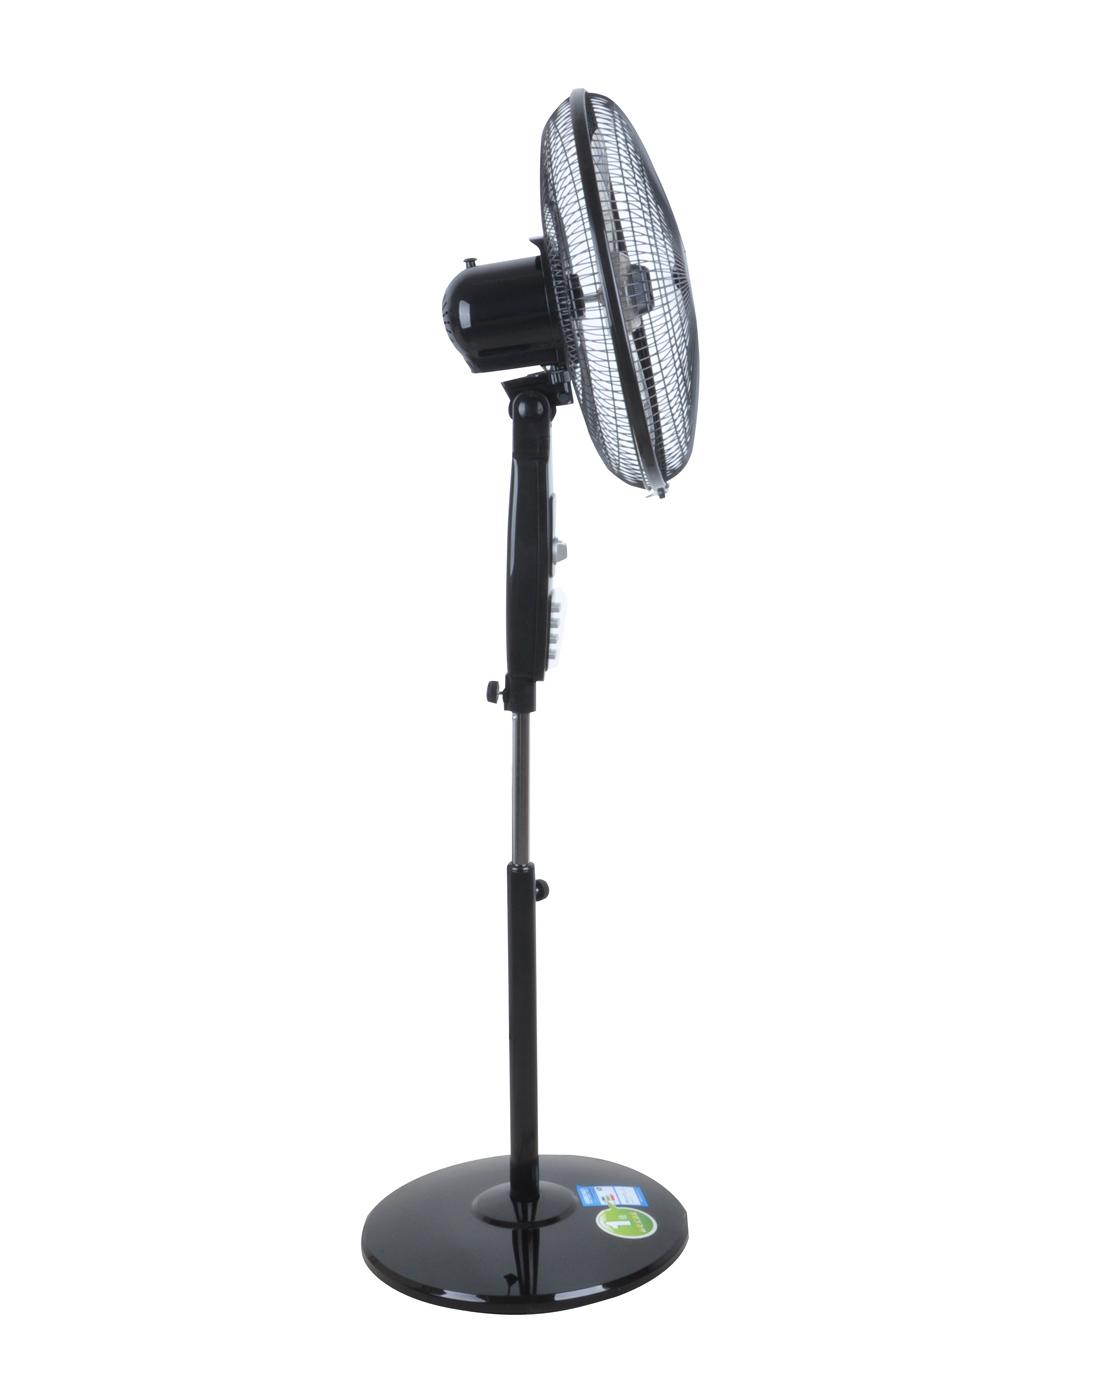 电风扇 家用摇头落地扇 定时风扇